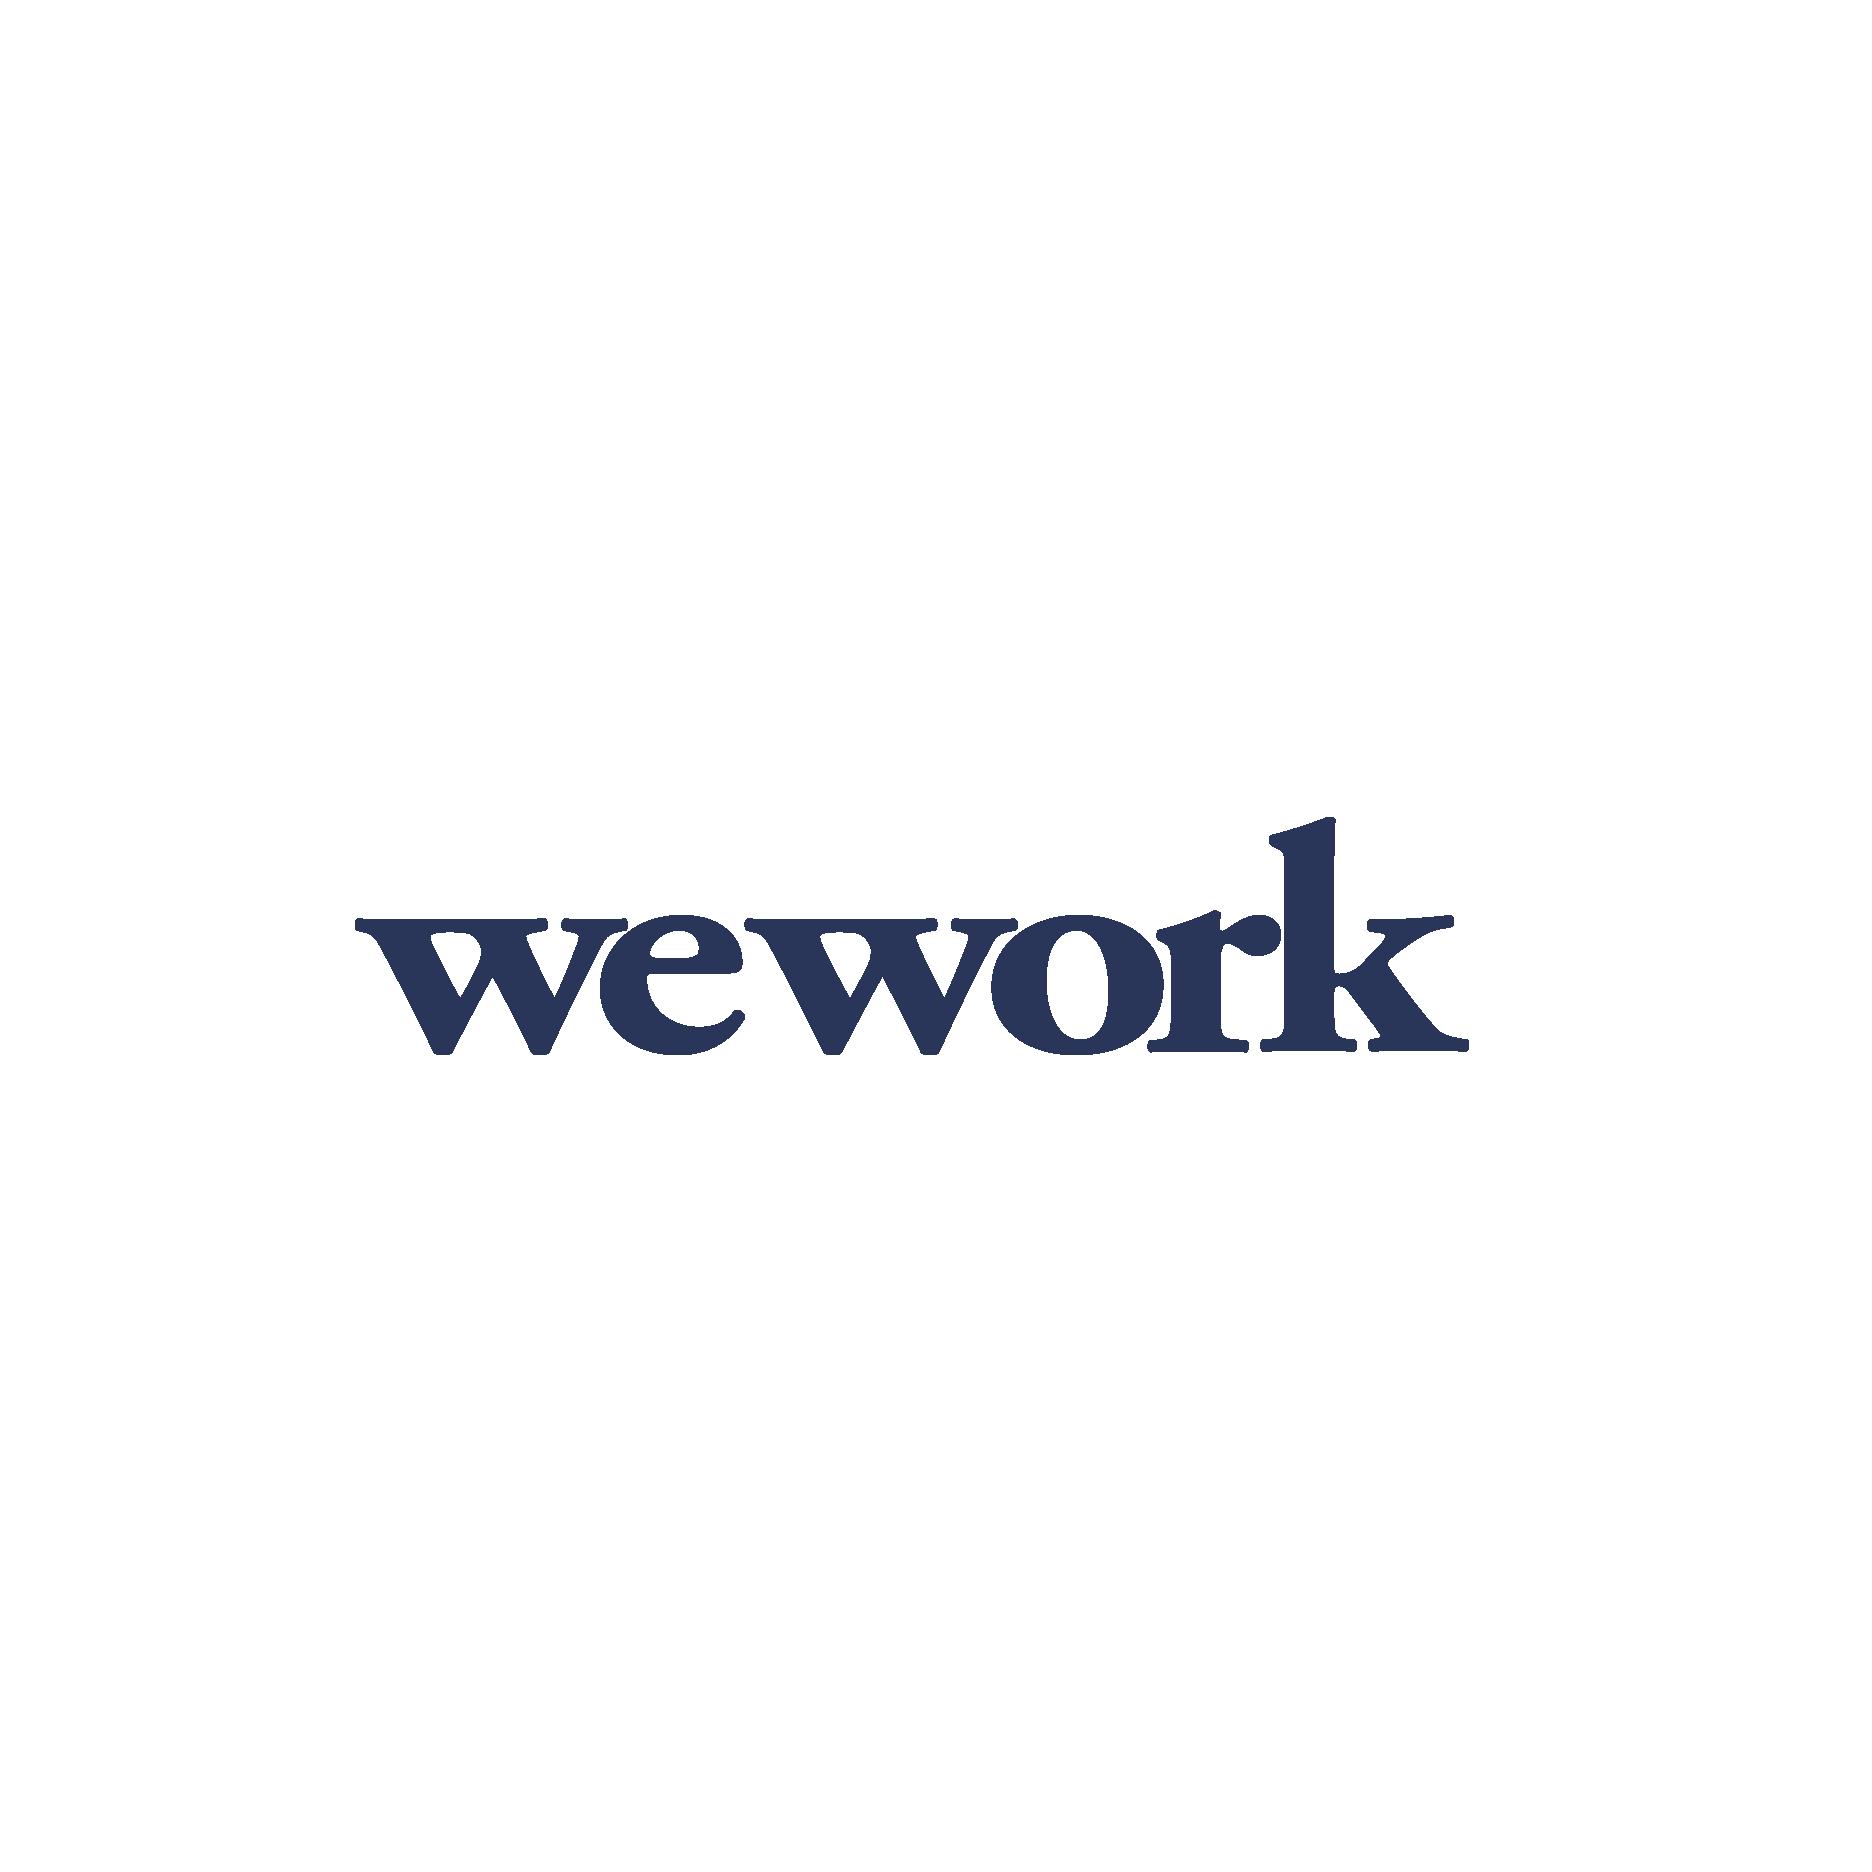 WeWork logo - Landed blue